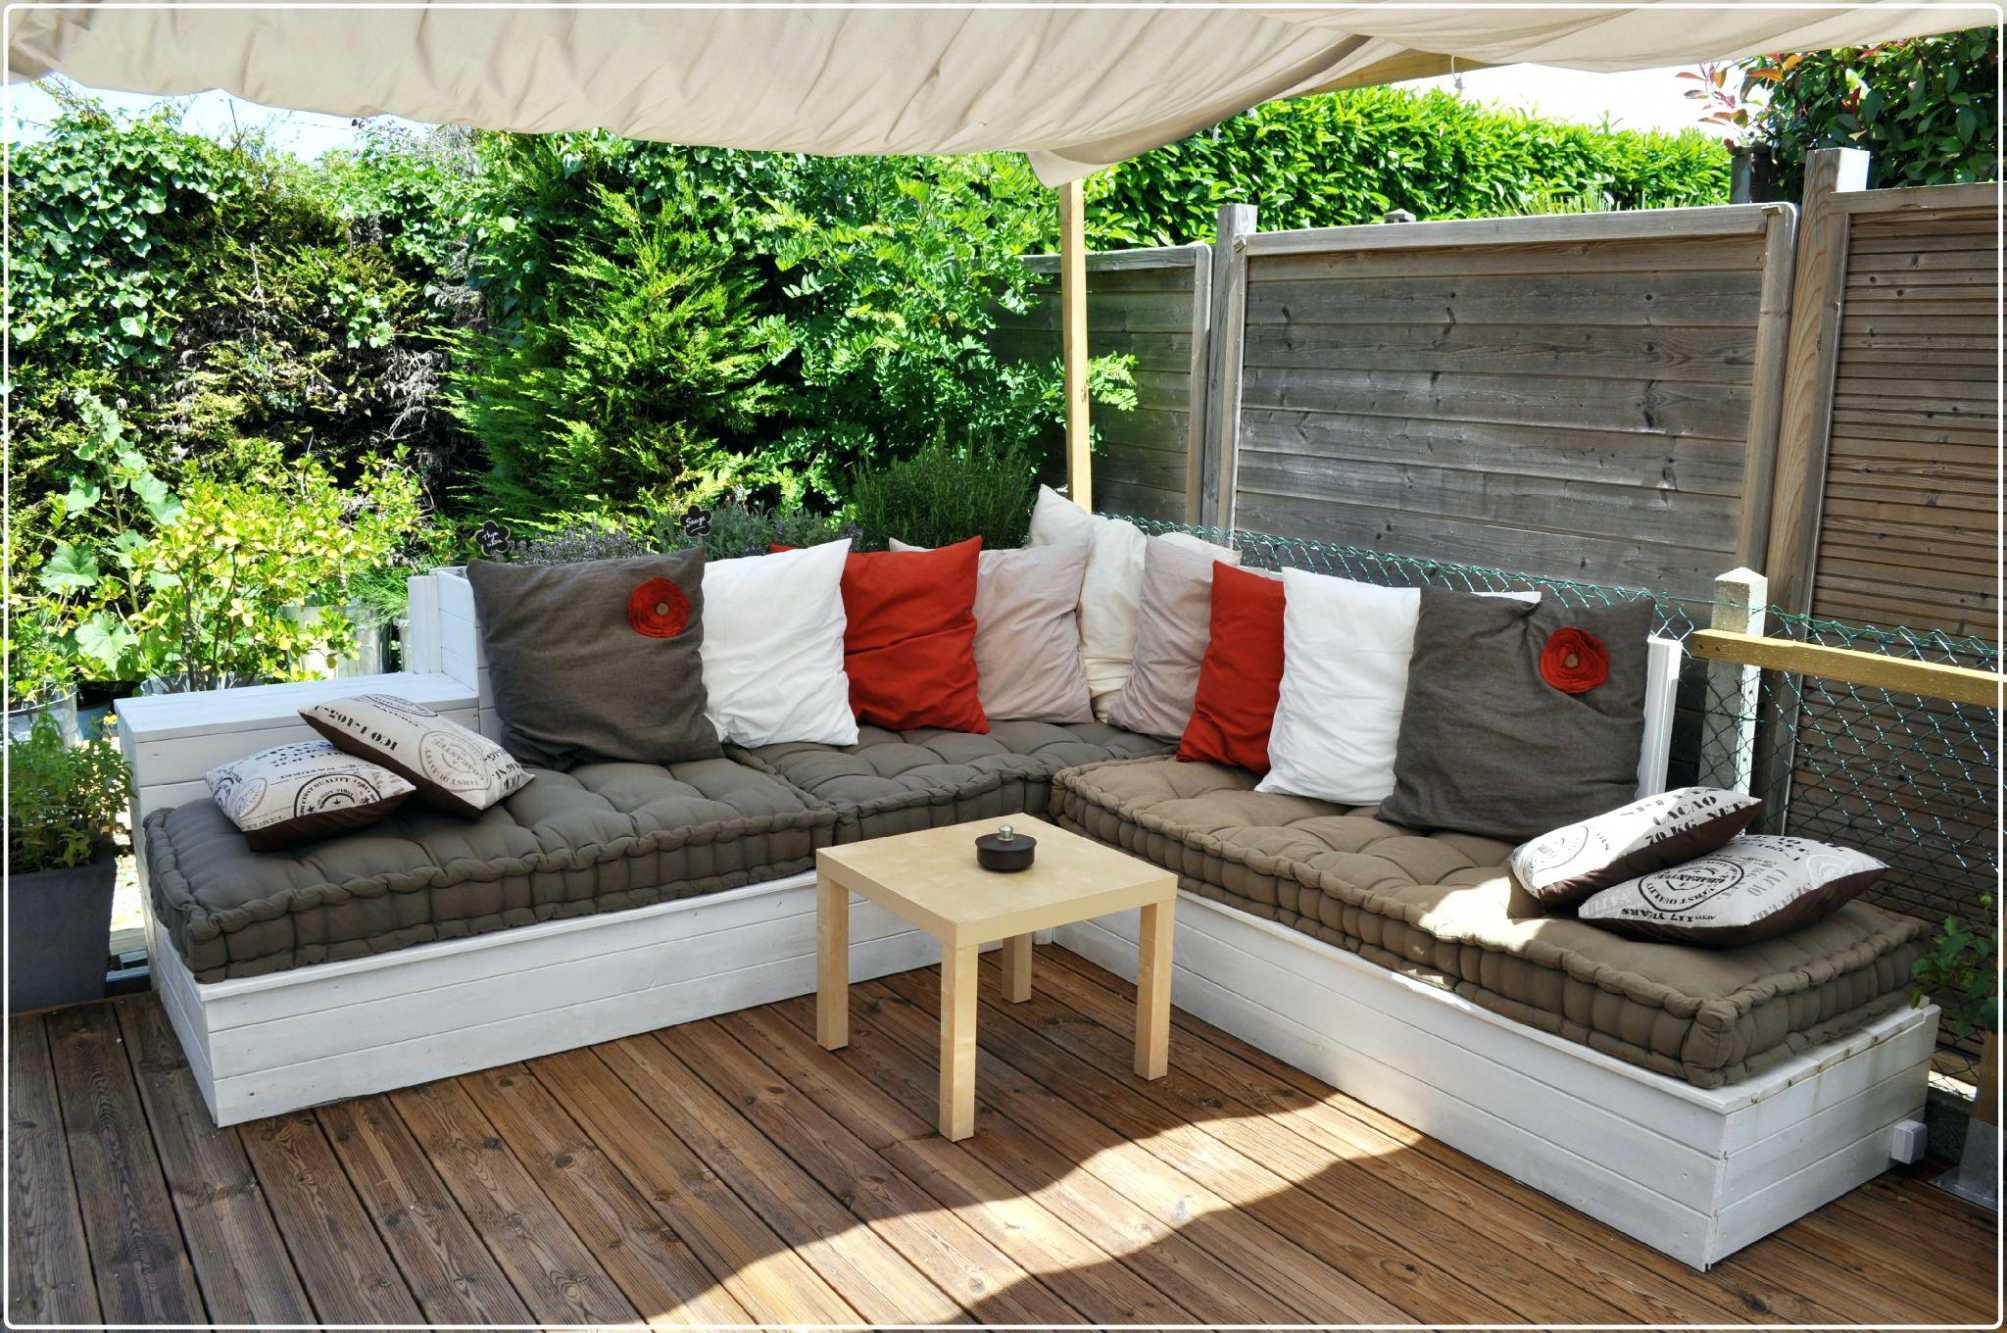 Comment realiser son salon de jardin en palette - Mailleraye.fr jardin